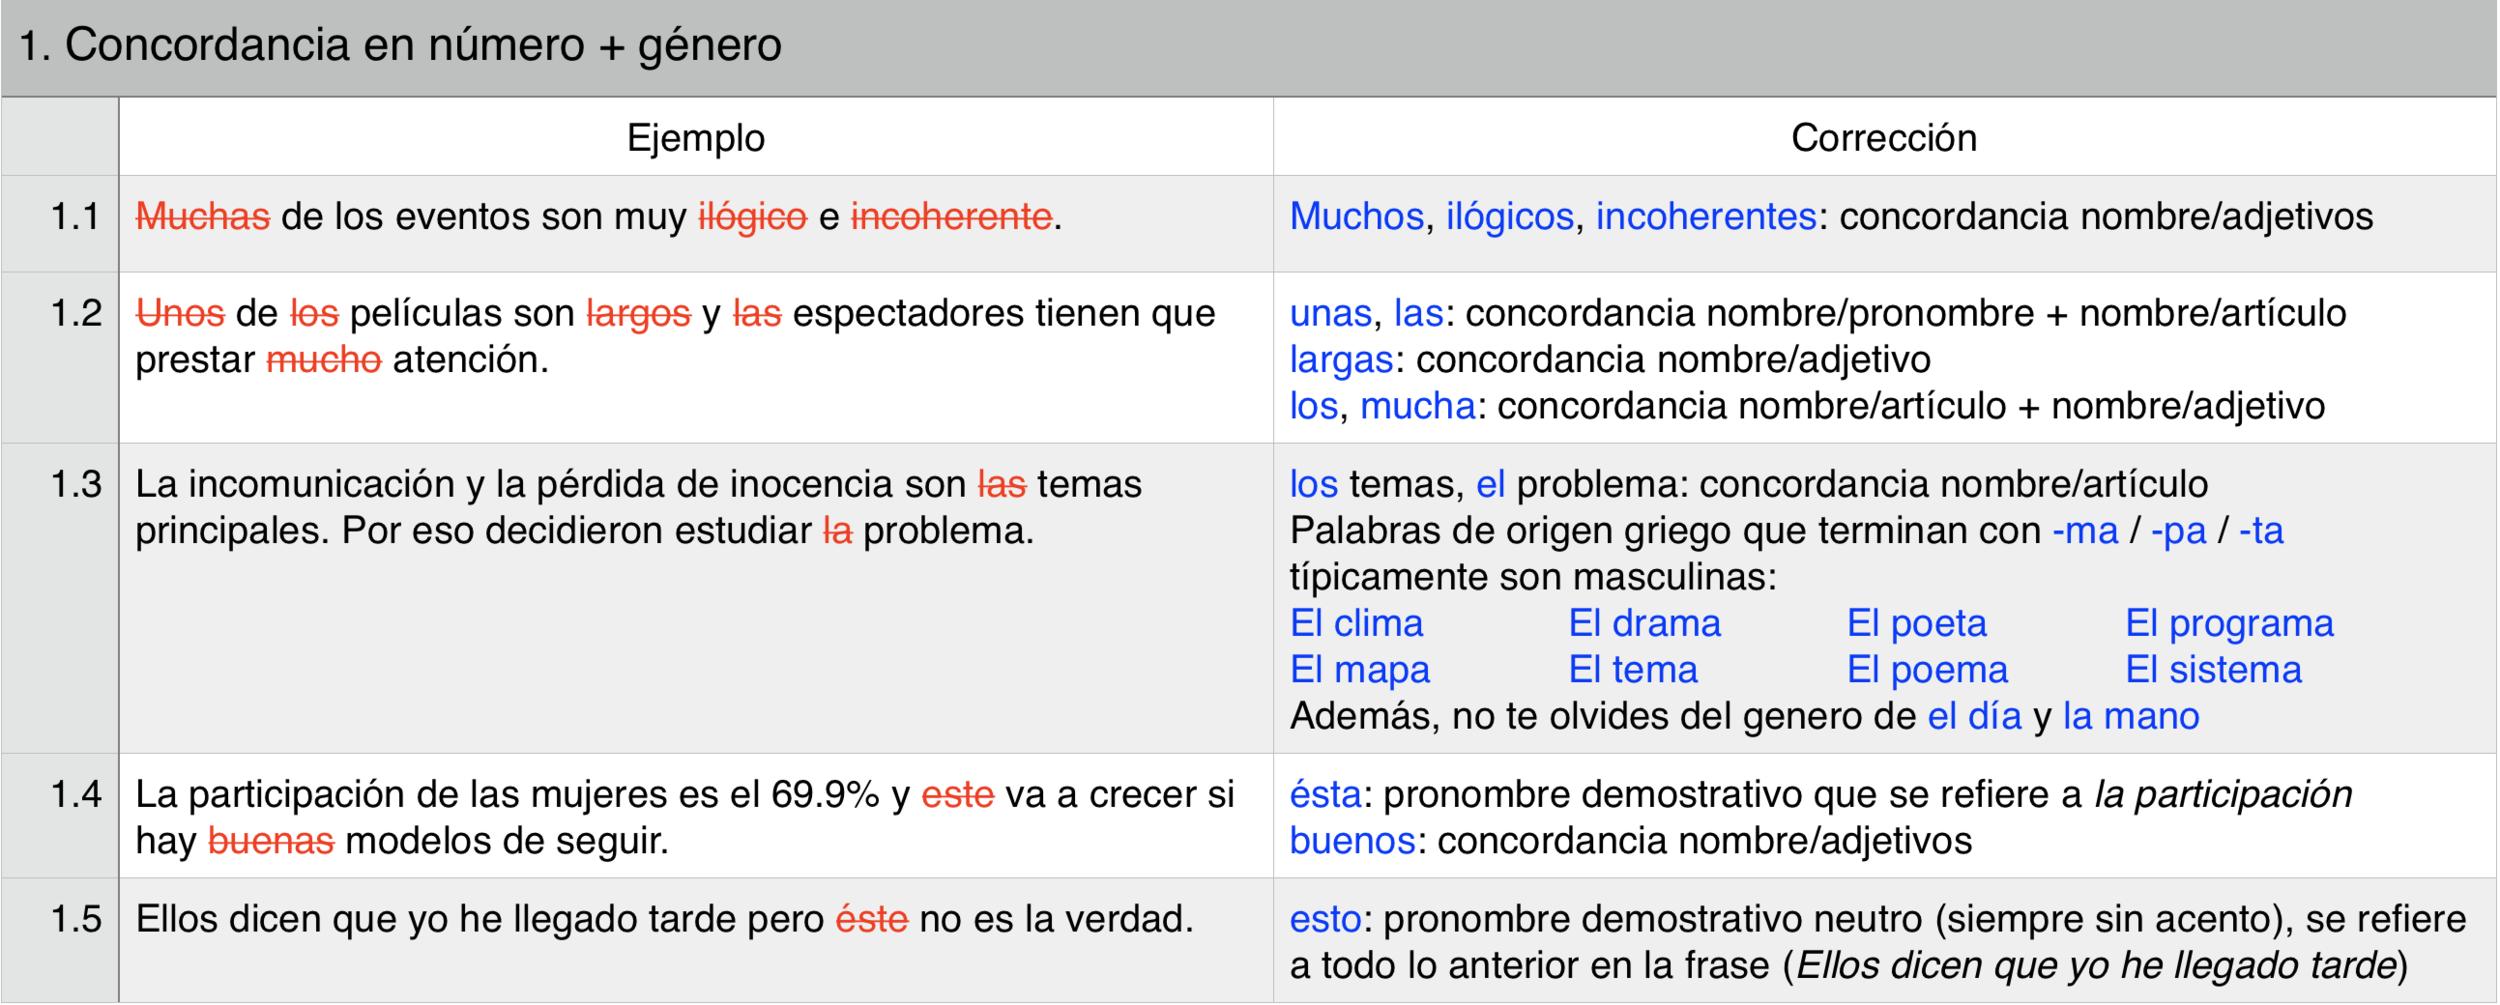 concordancia1.png